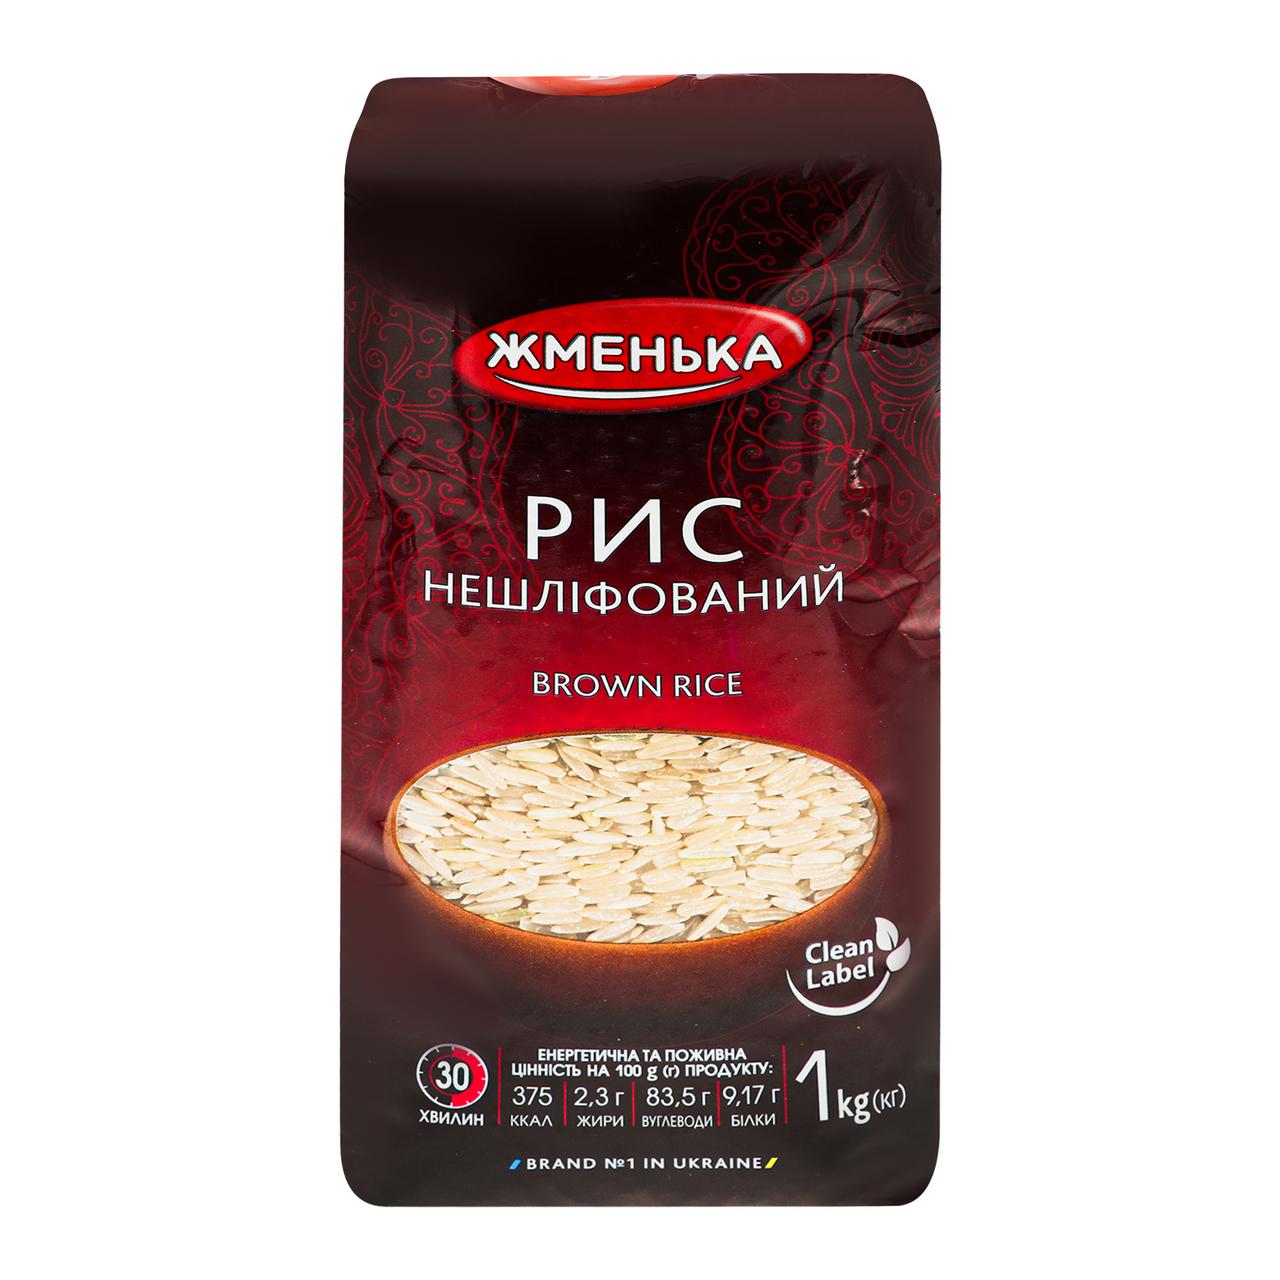 Рис Жменька Brown rice нешліфований 1кг